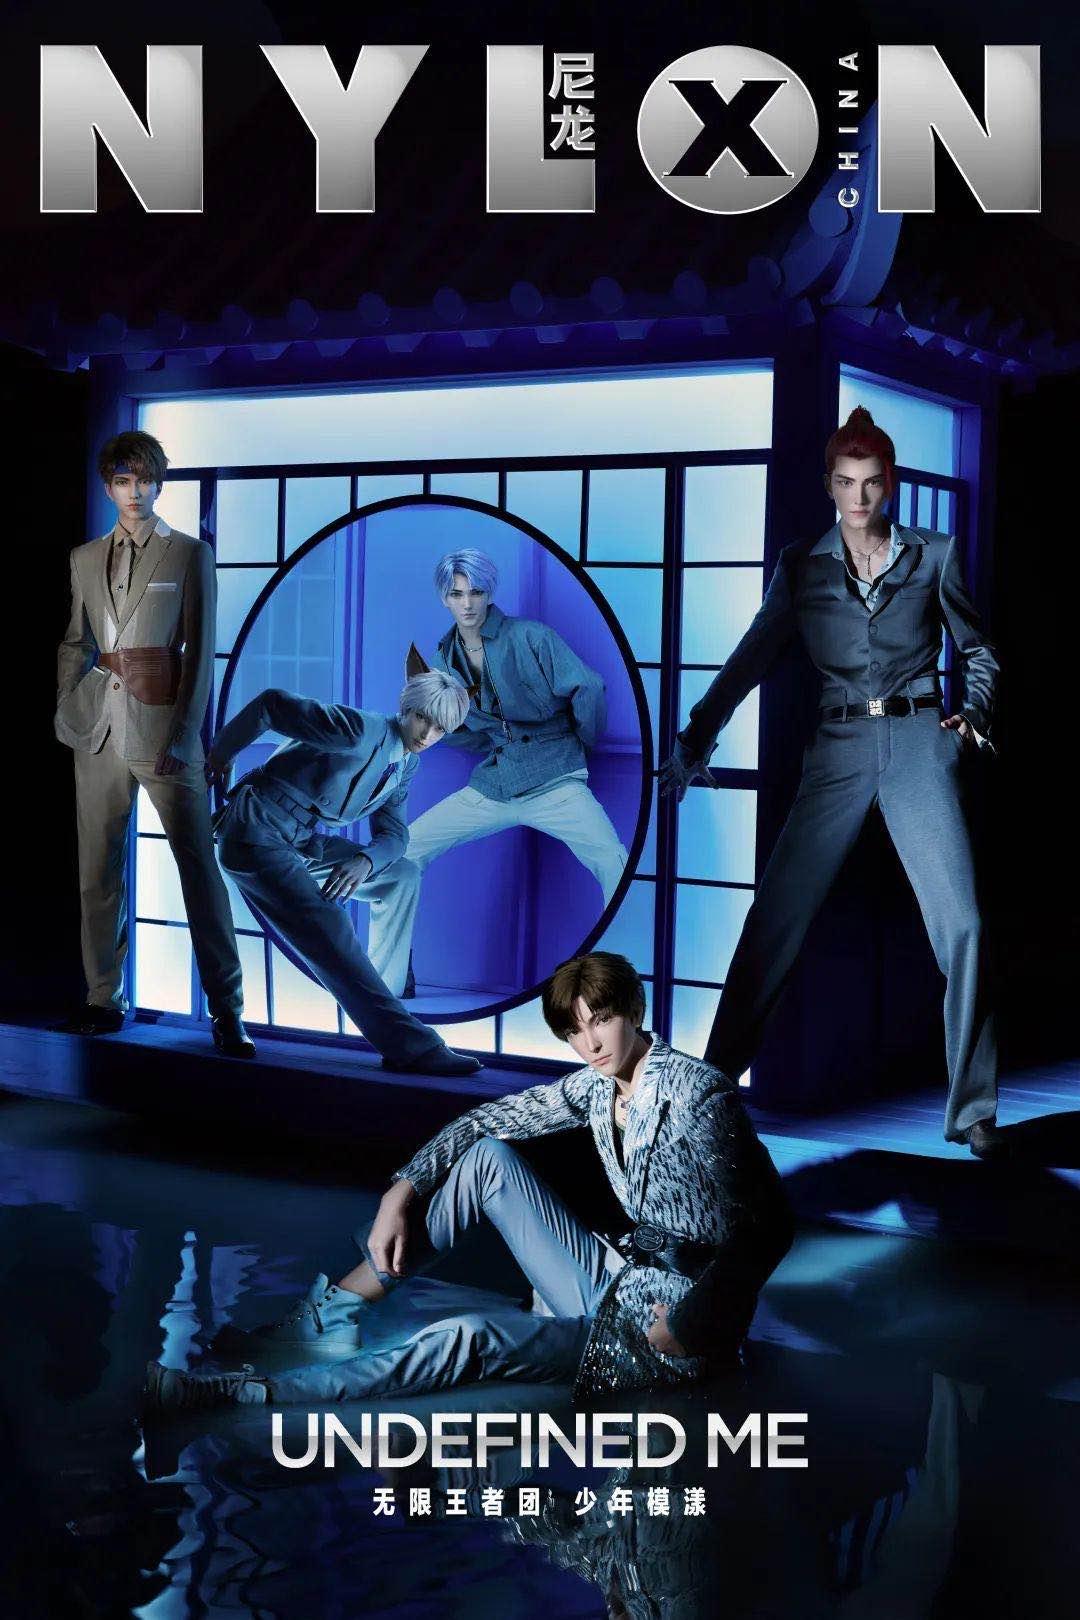 无限王者团携手纪梵希,拍摄《SuperELLE》全新时尚大片驾轻就熟